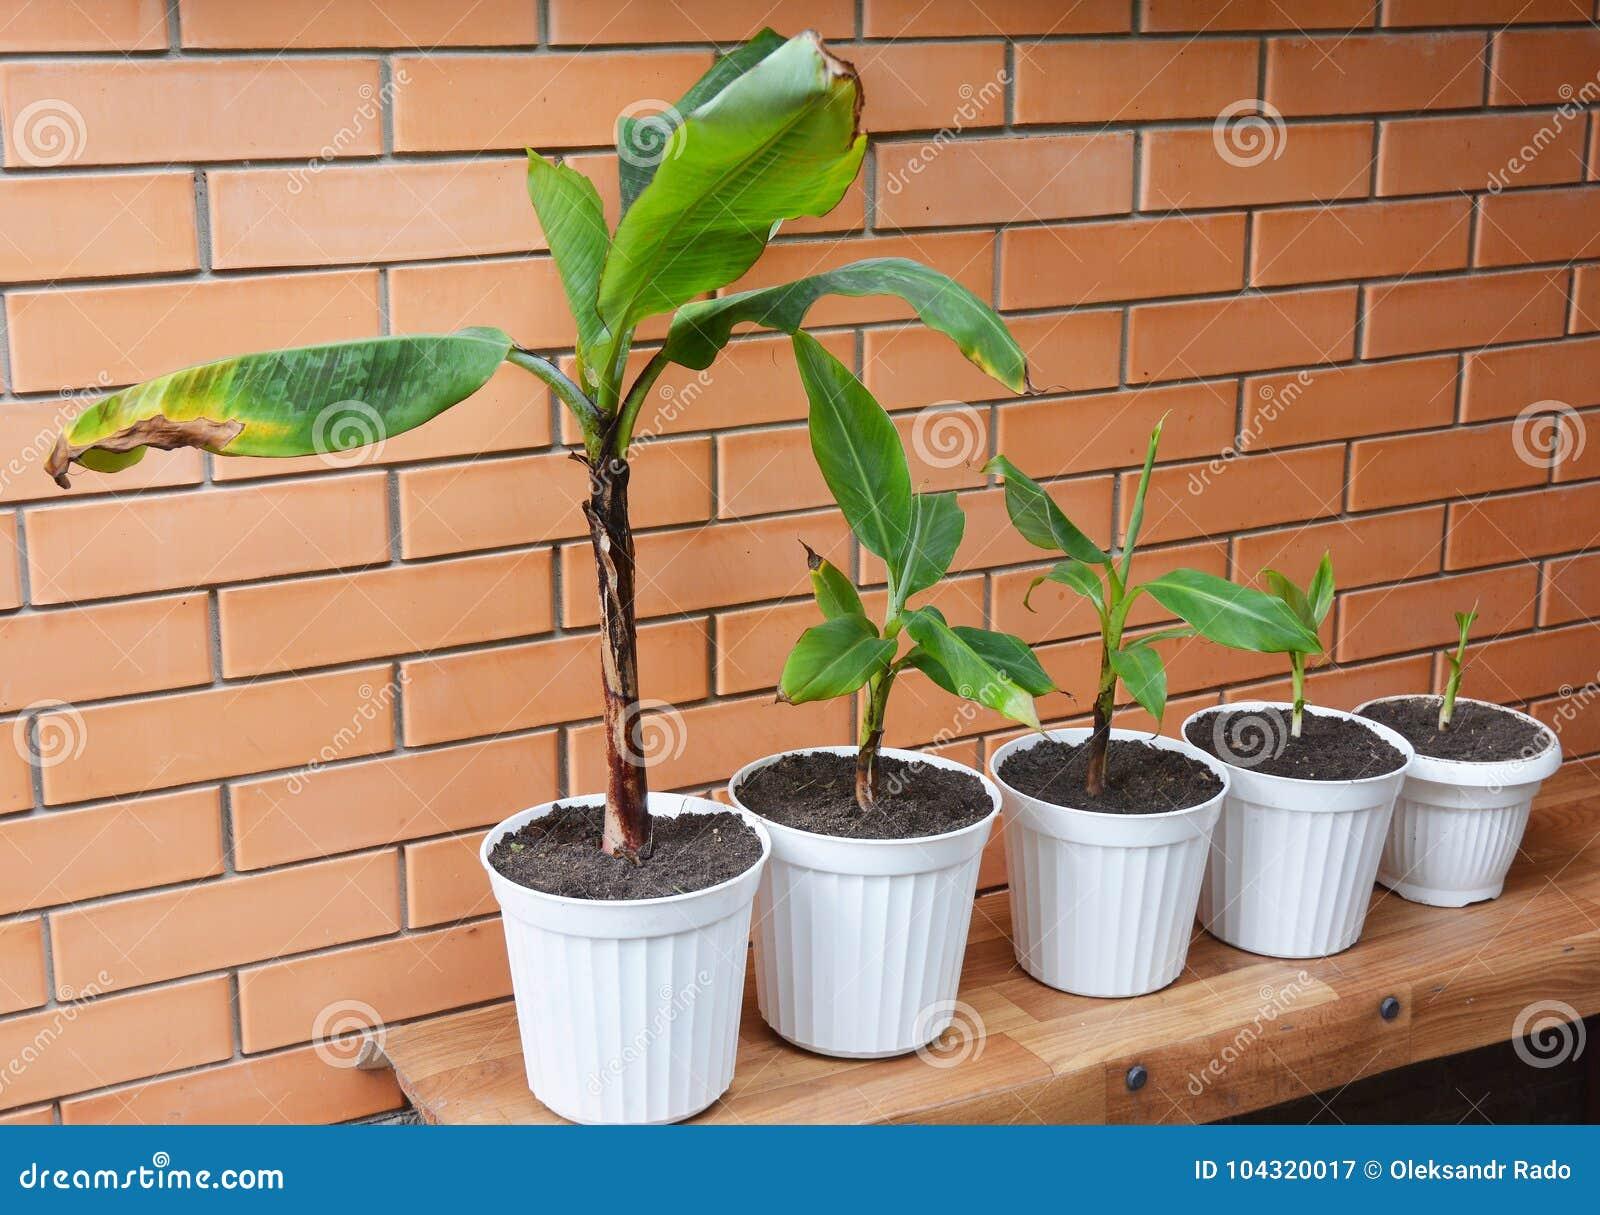 Come Coltivare Un Banano banane crescenti - come coltivare i banani fiori del